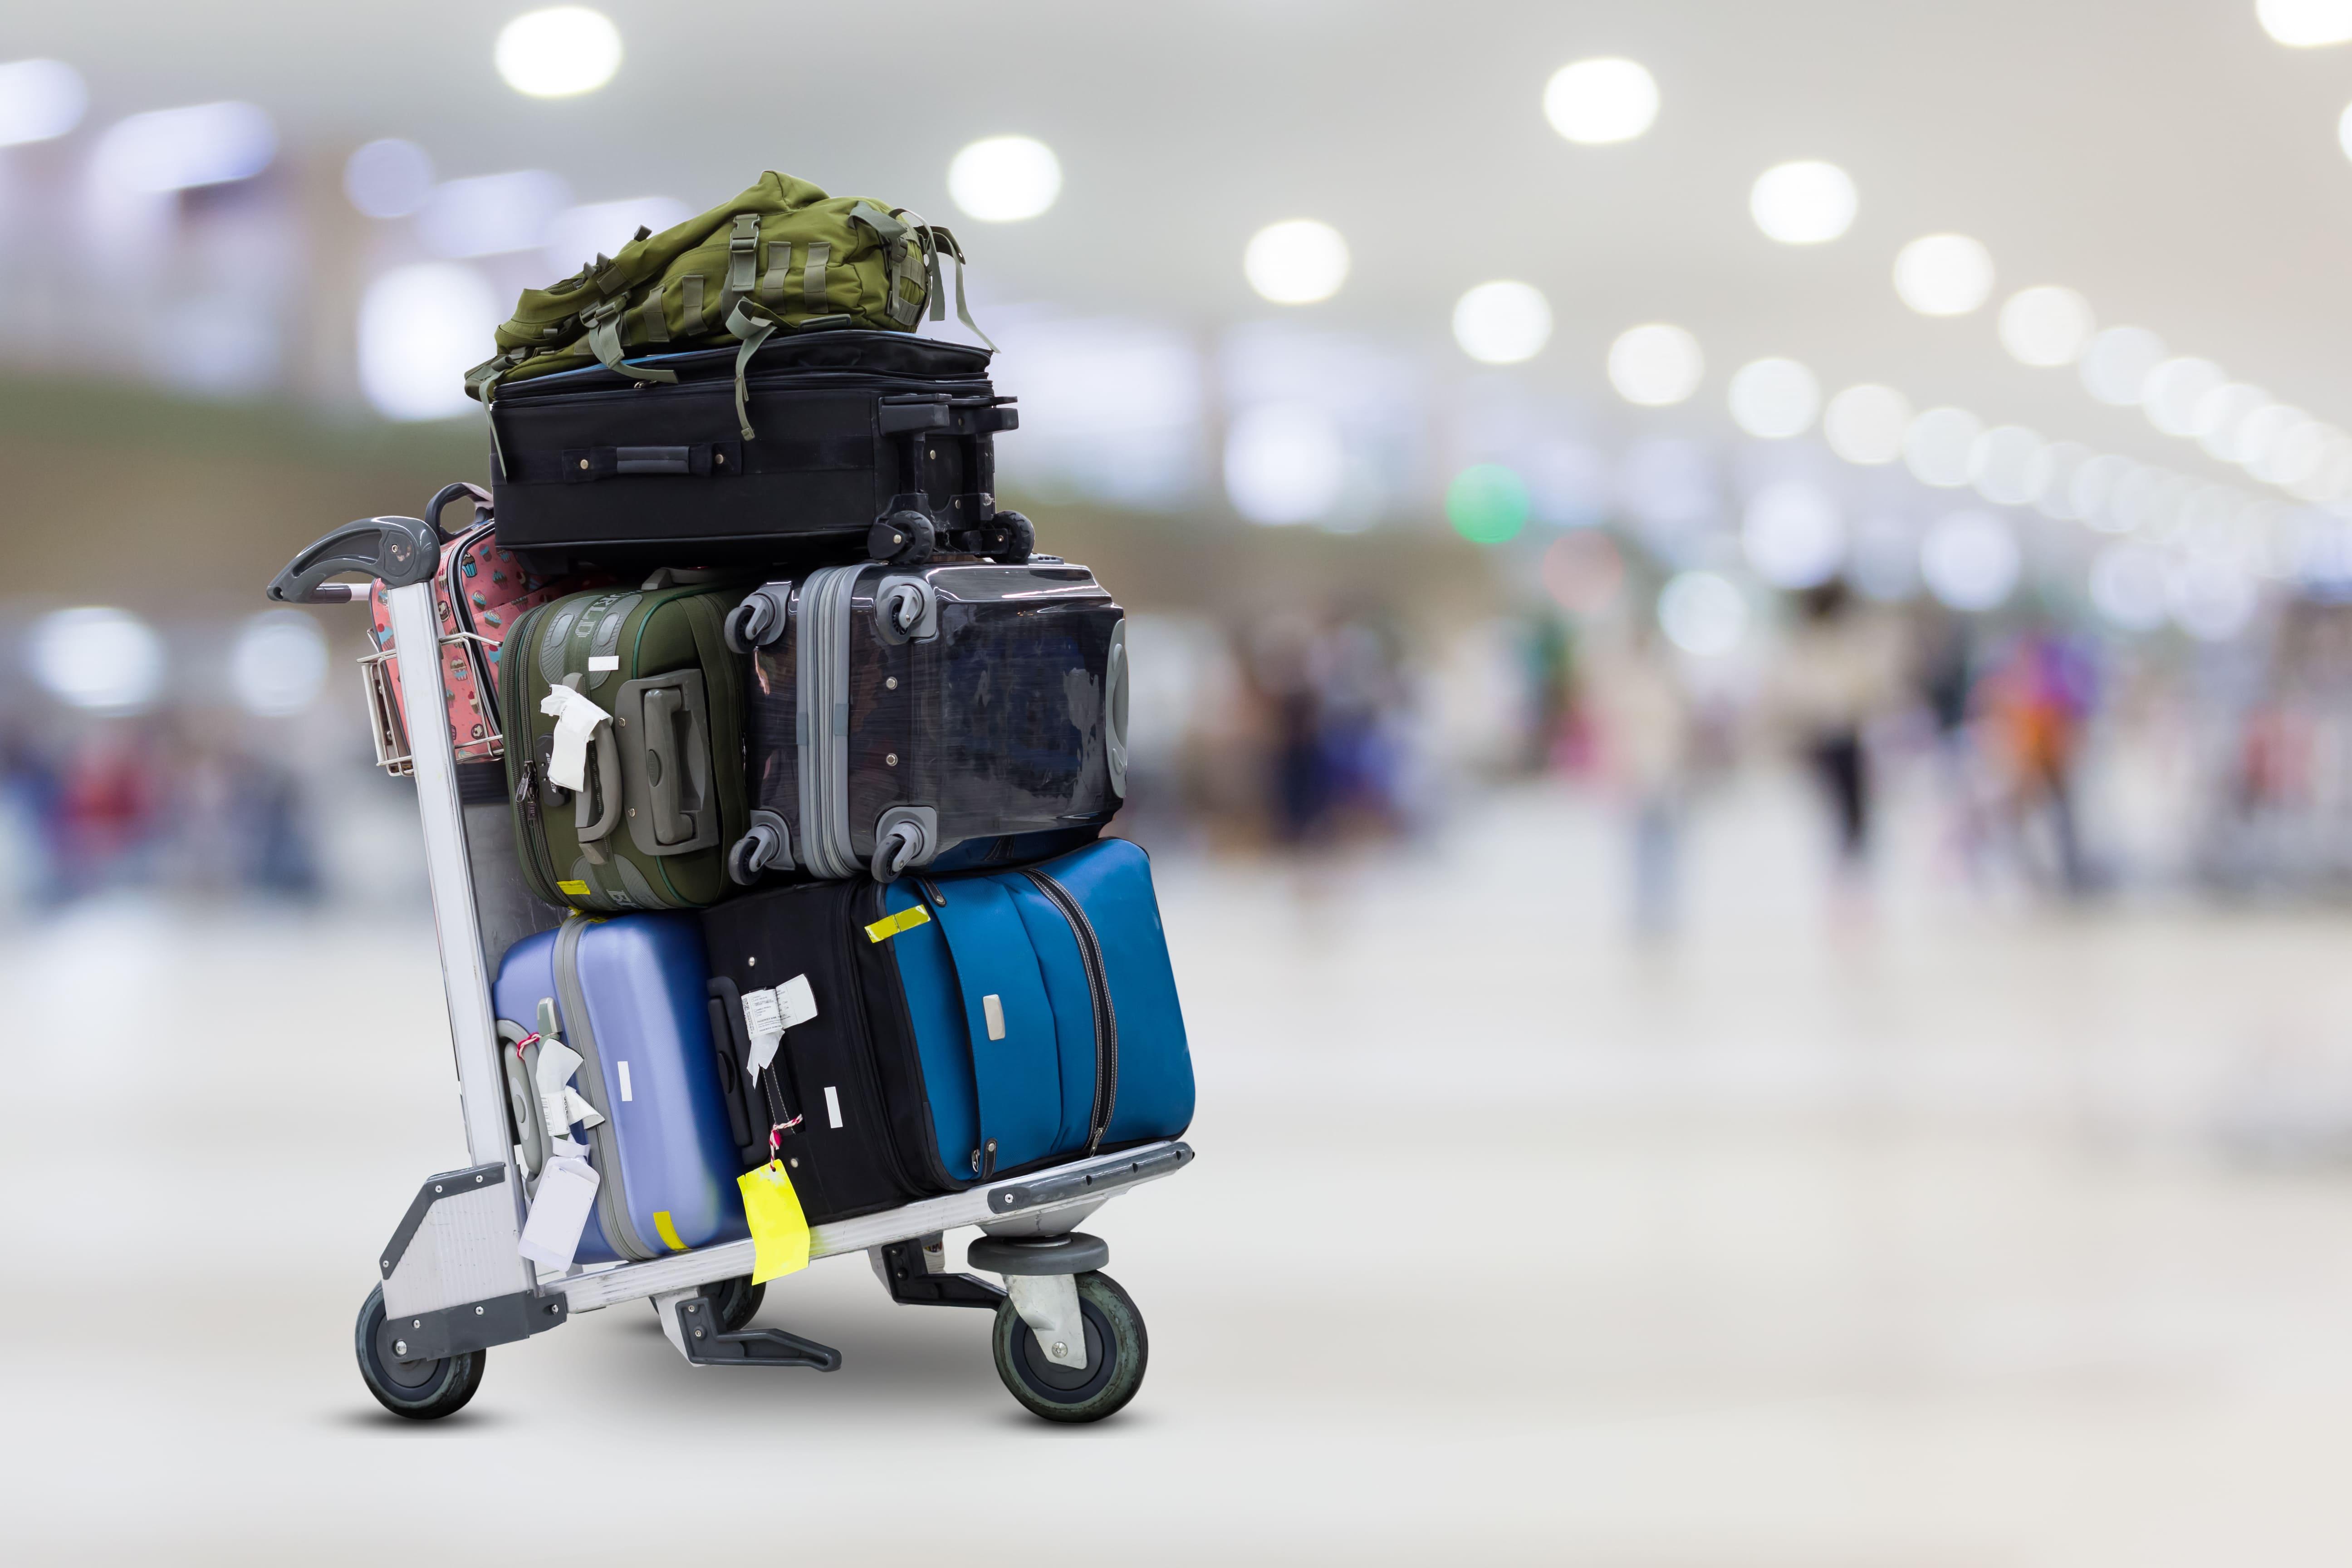 Imagem de algumas malas para remeter ao empreendedor que deseja saber como abrir uma empresa de conserto de malas